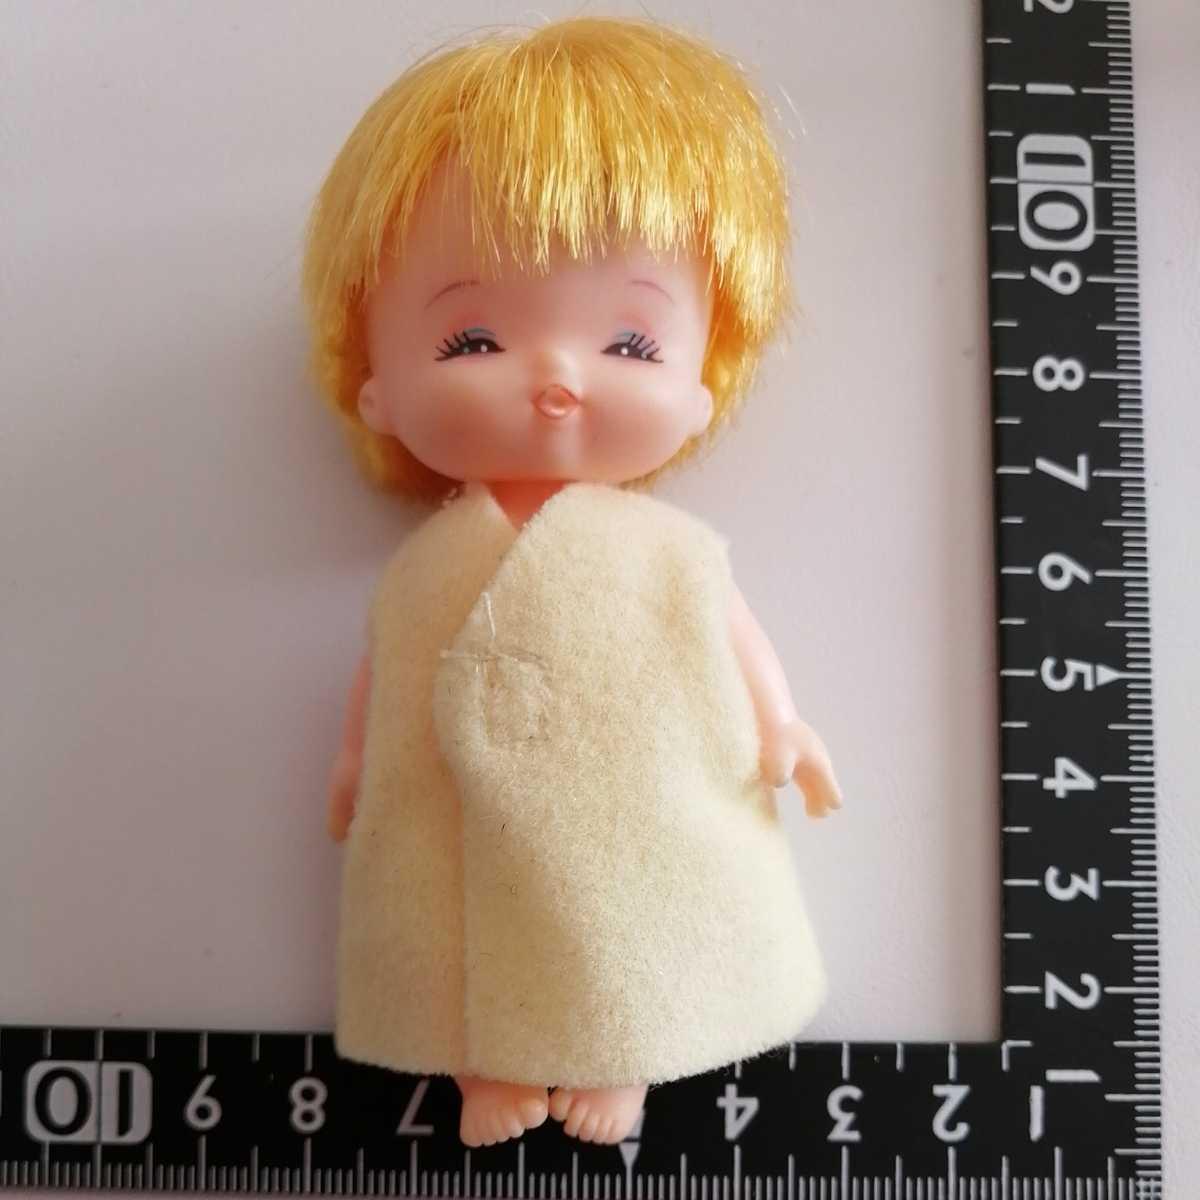 おでこ汚れ難。リカちゃん フラワーベビーズ たんぽぽちゃん 人形 赤ちゃん _画像6